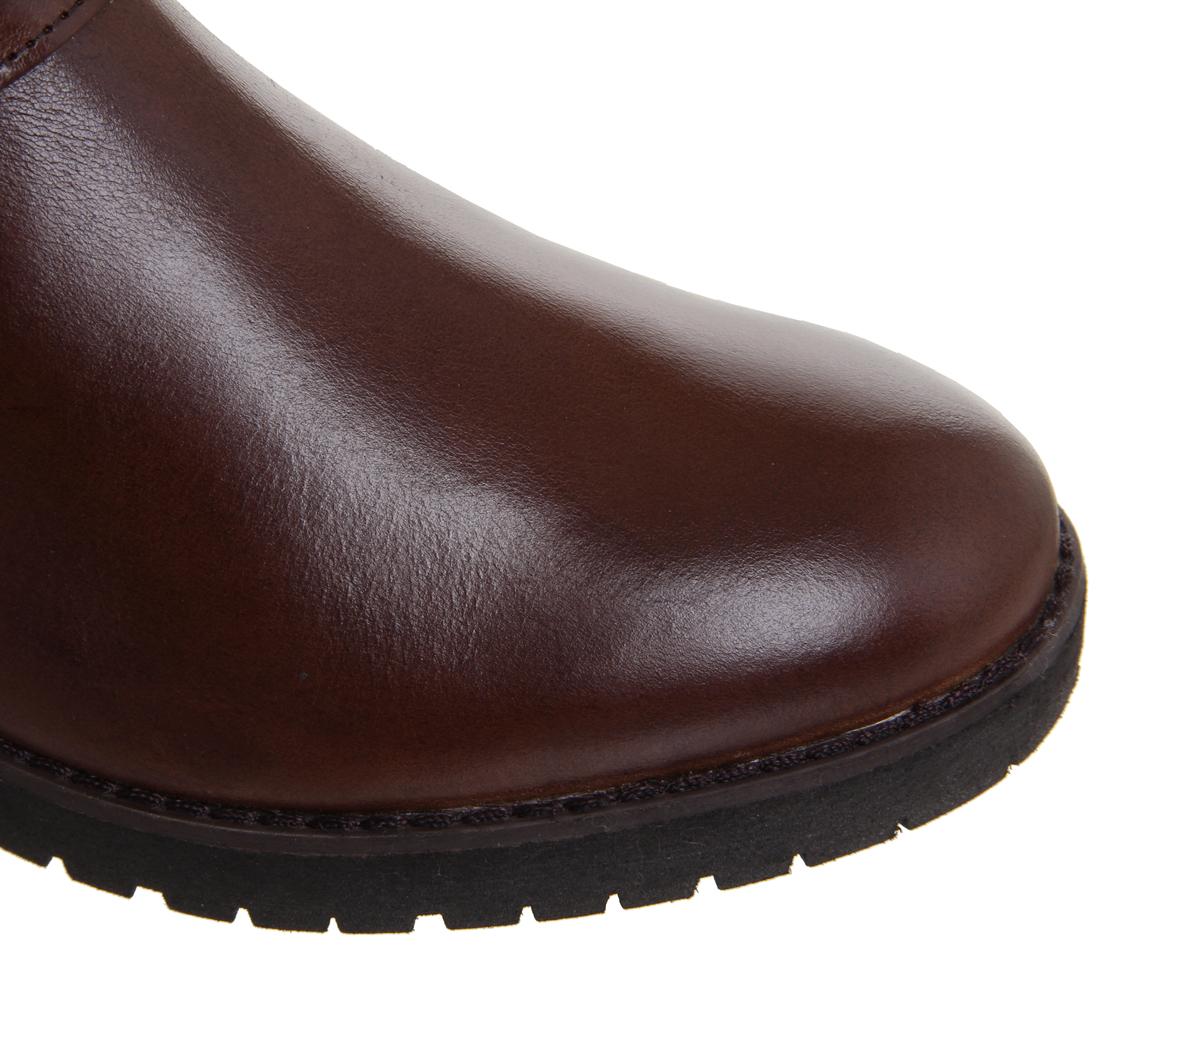 Mujer botas De Piel Casual botas de oficina Keller Marrón Cuero botas Casual a la rodilla f2ef1c